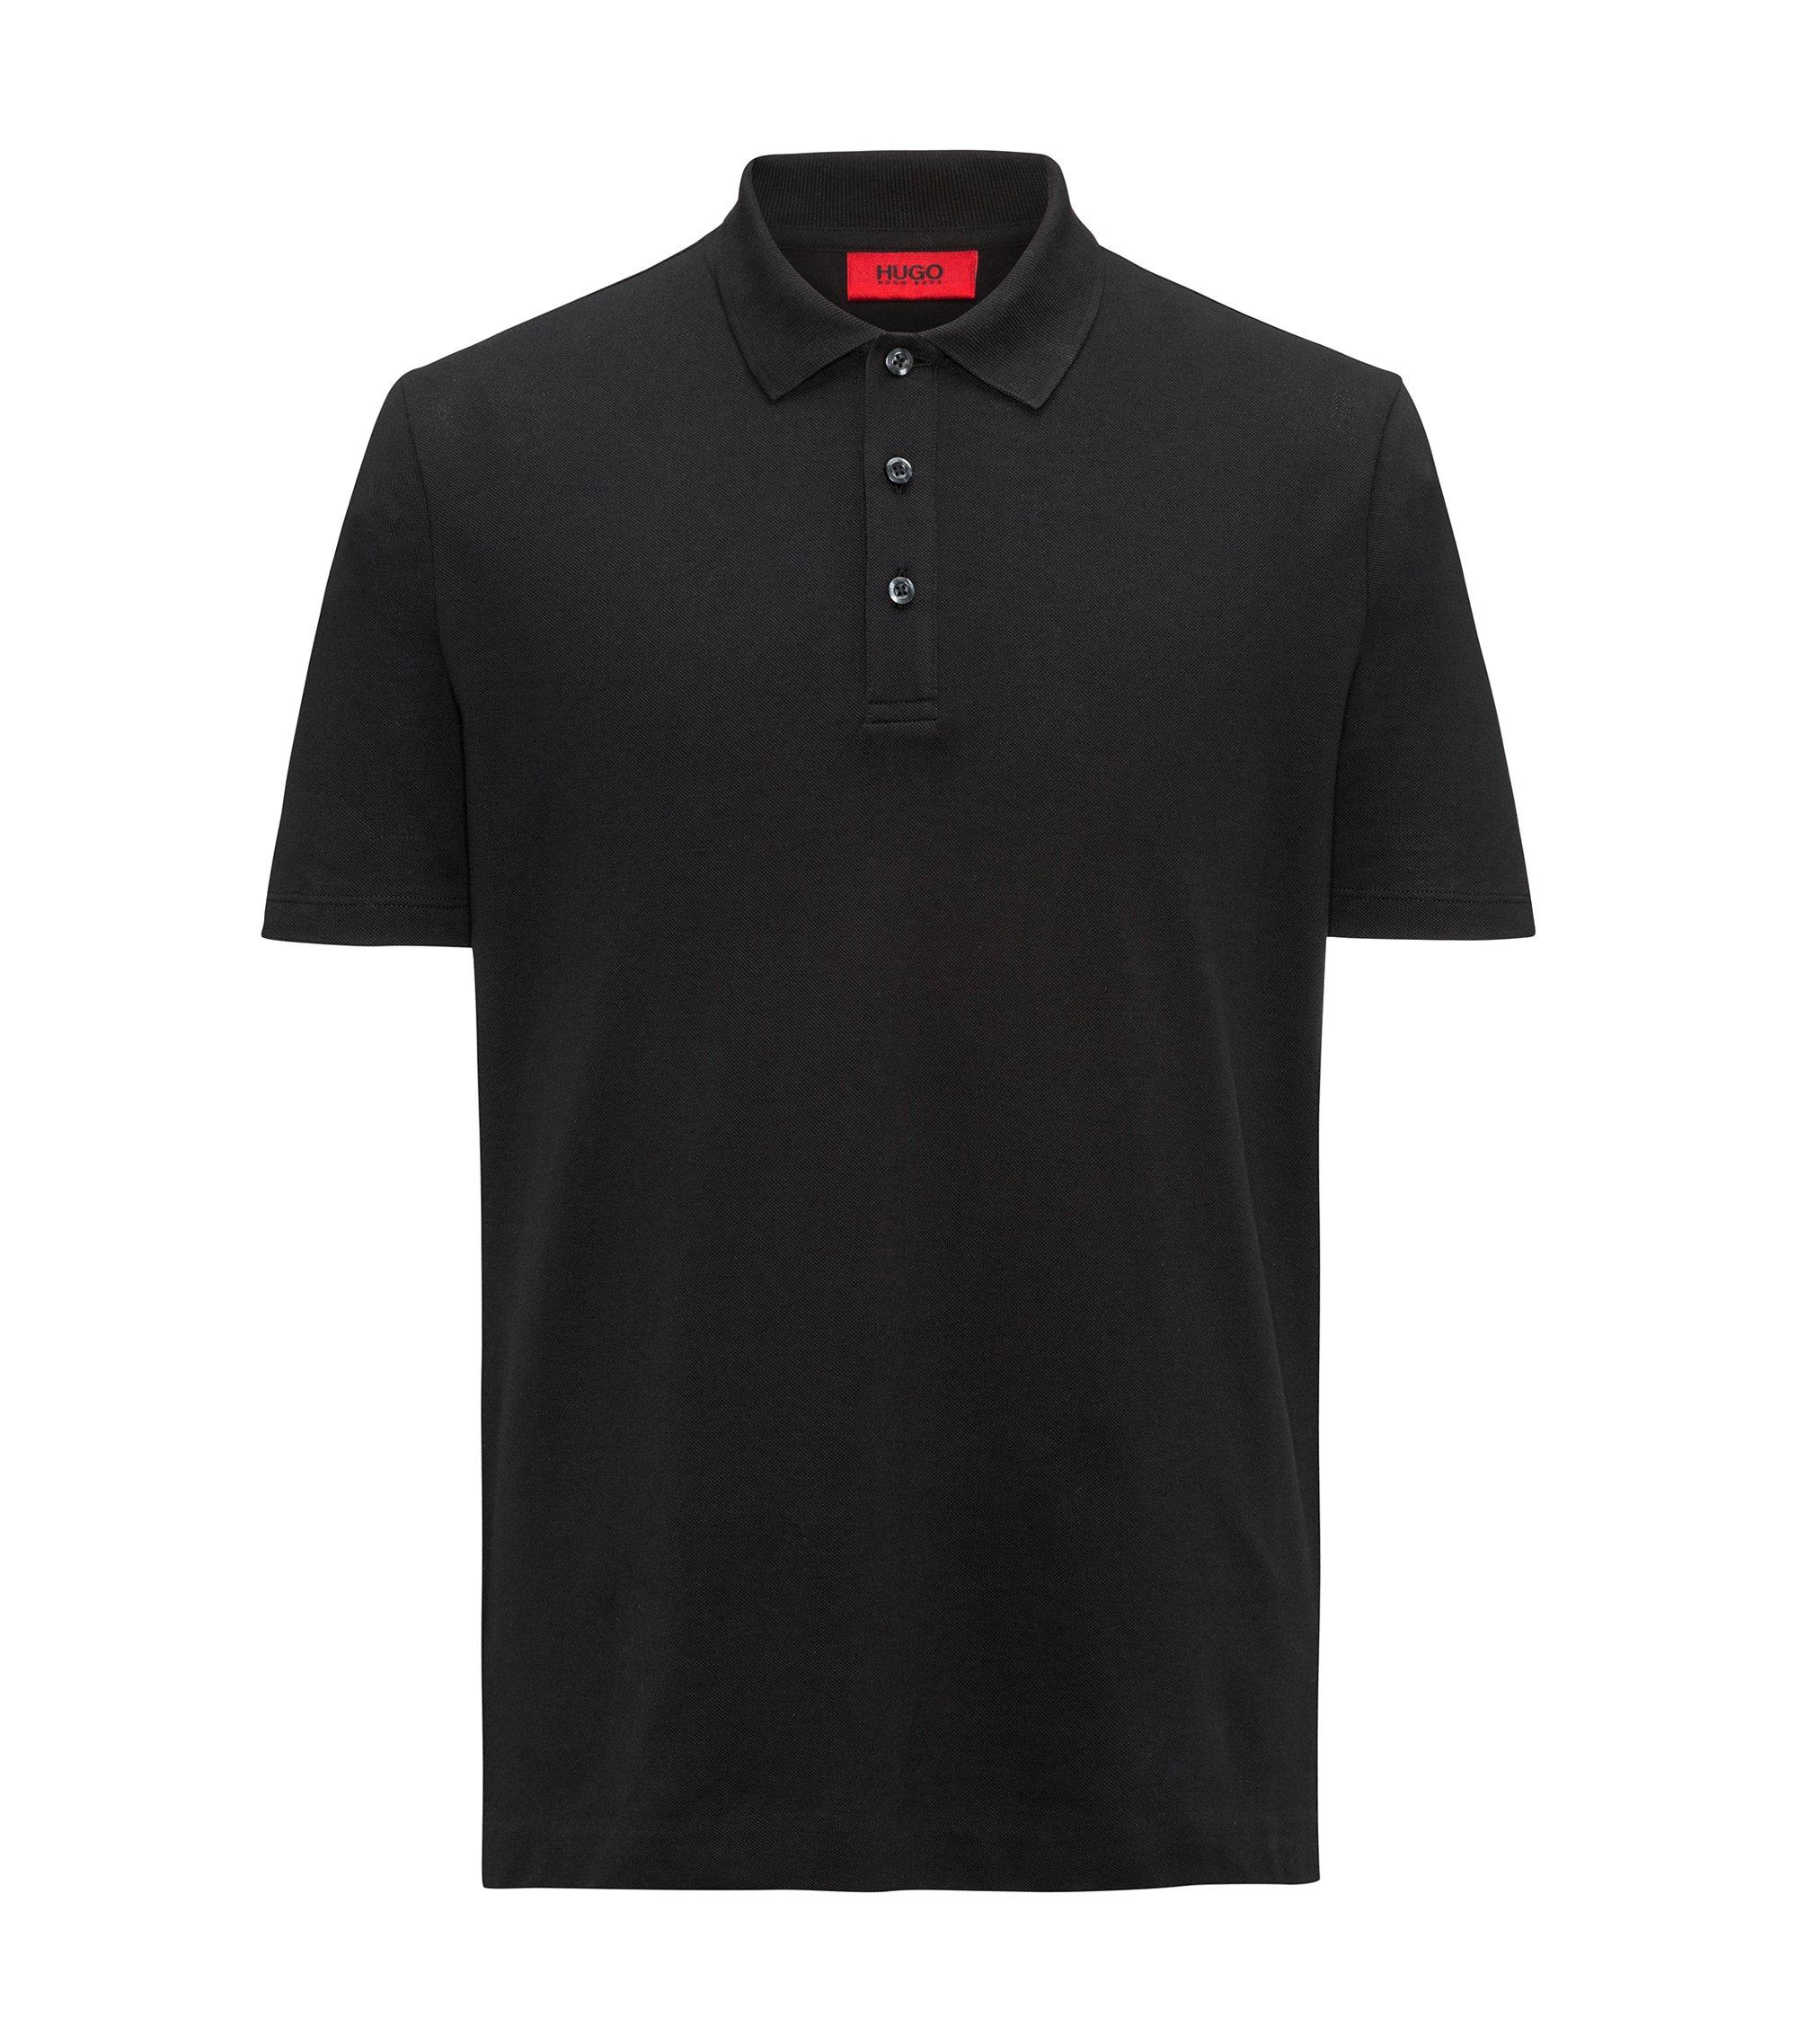 Polo in katoenpiqué met verlaagde achterzoom en logoprint, Zwart